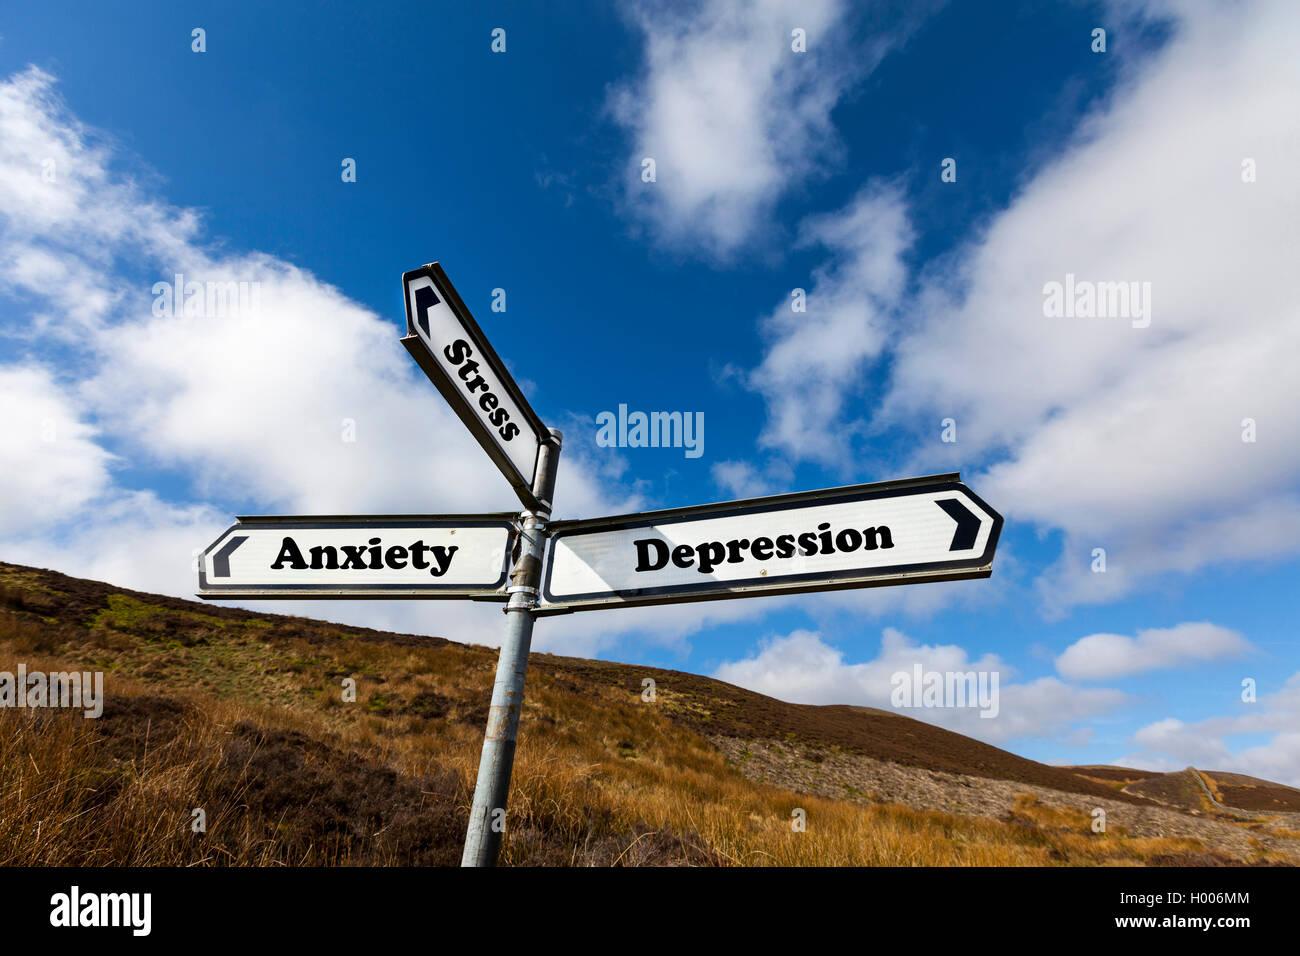 Santé mentale stress dépression Anxiété problèmes problème panneau routier concept Photo Stock